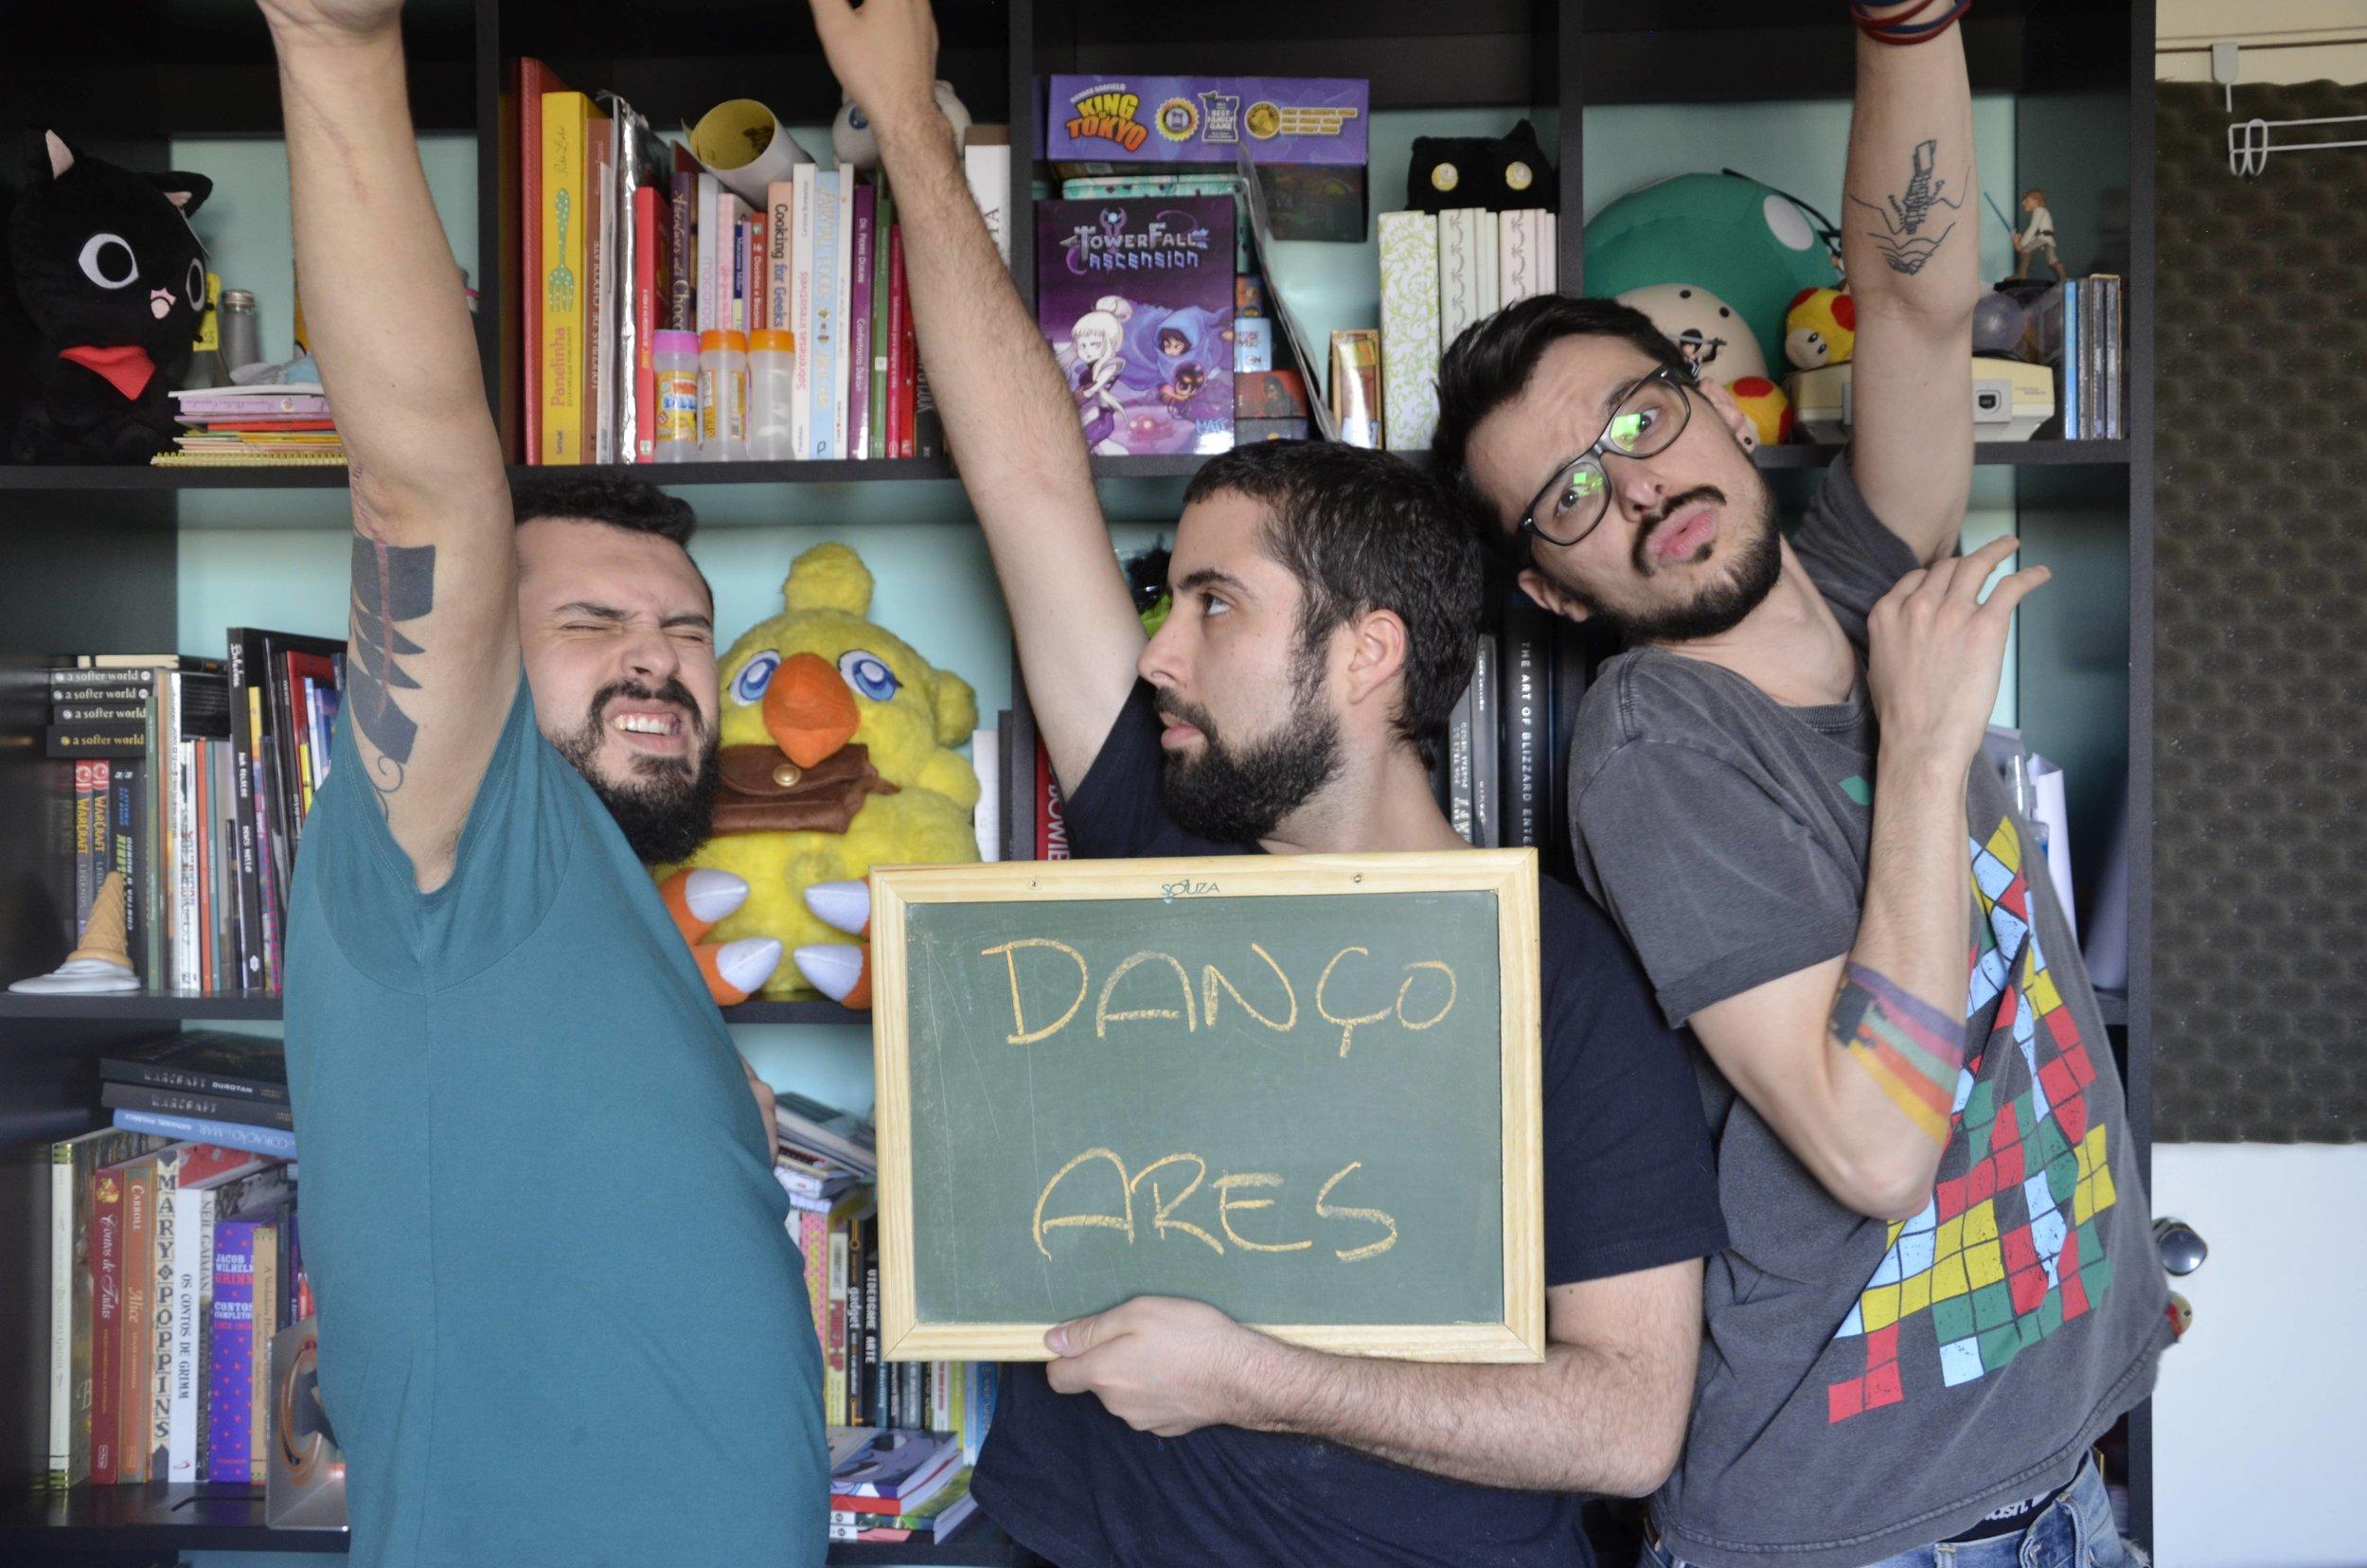 Dan-Soares.jpg